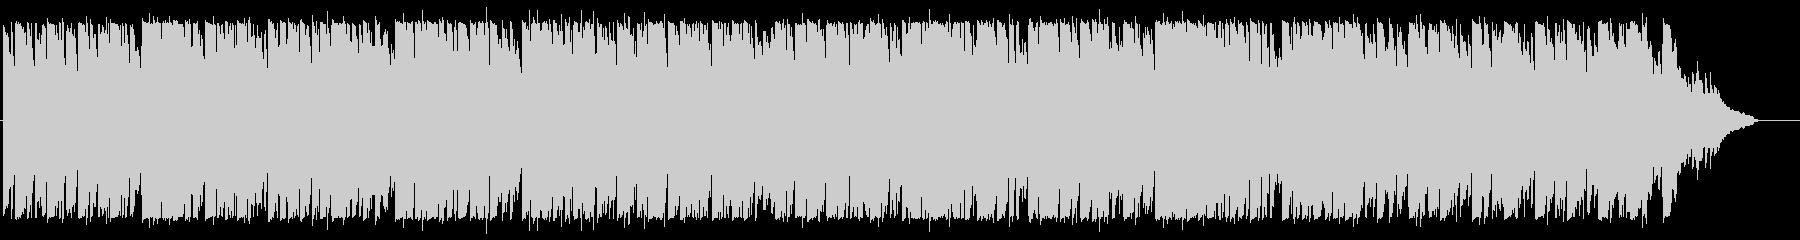 優しいリコーダーポップの未再生の波形